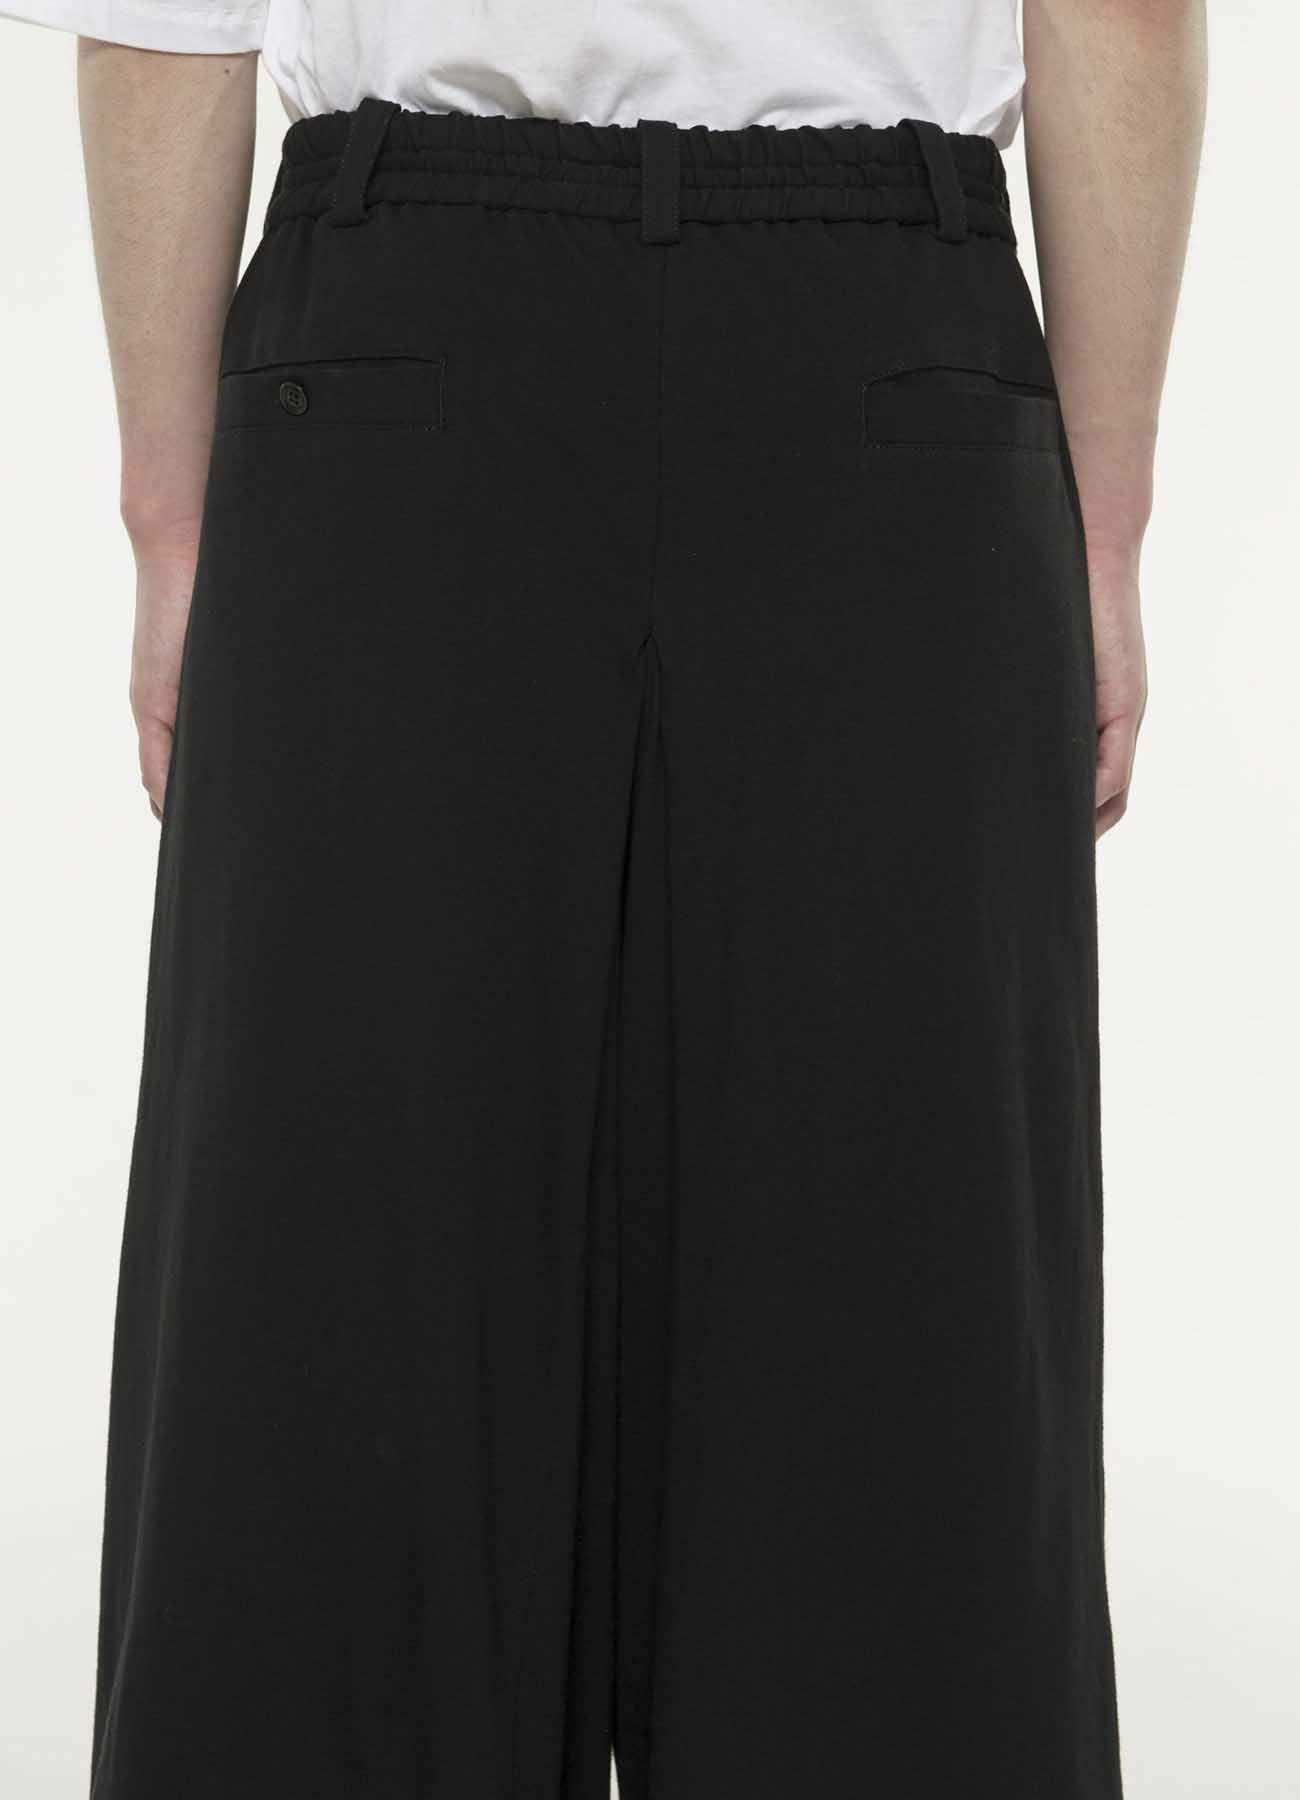 40/2Cotton Jersey Hakama pants